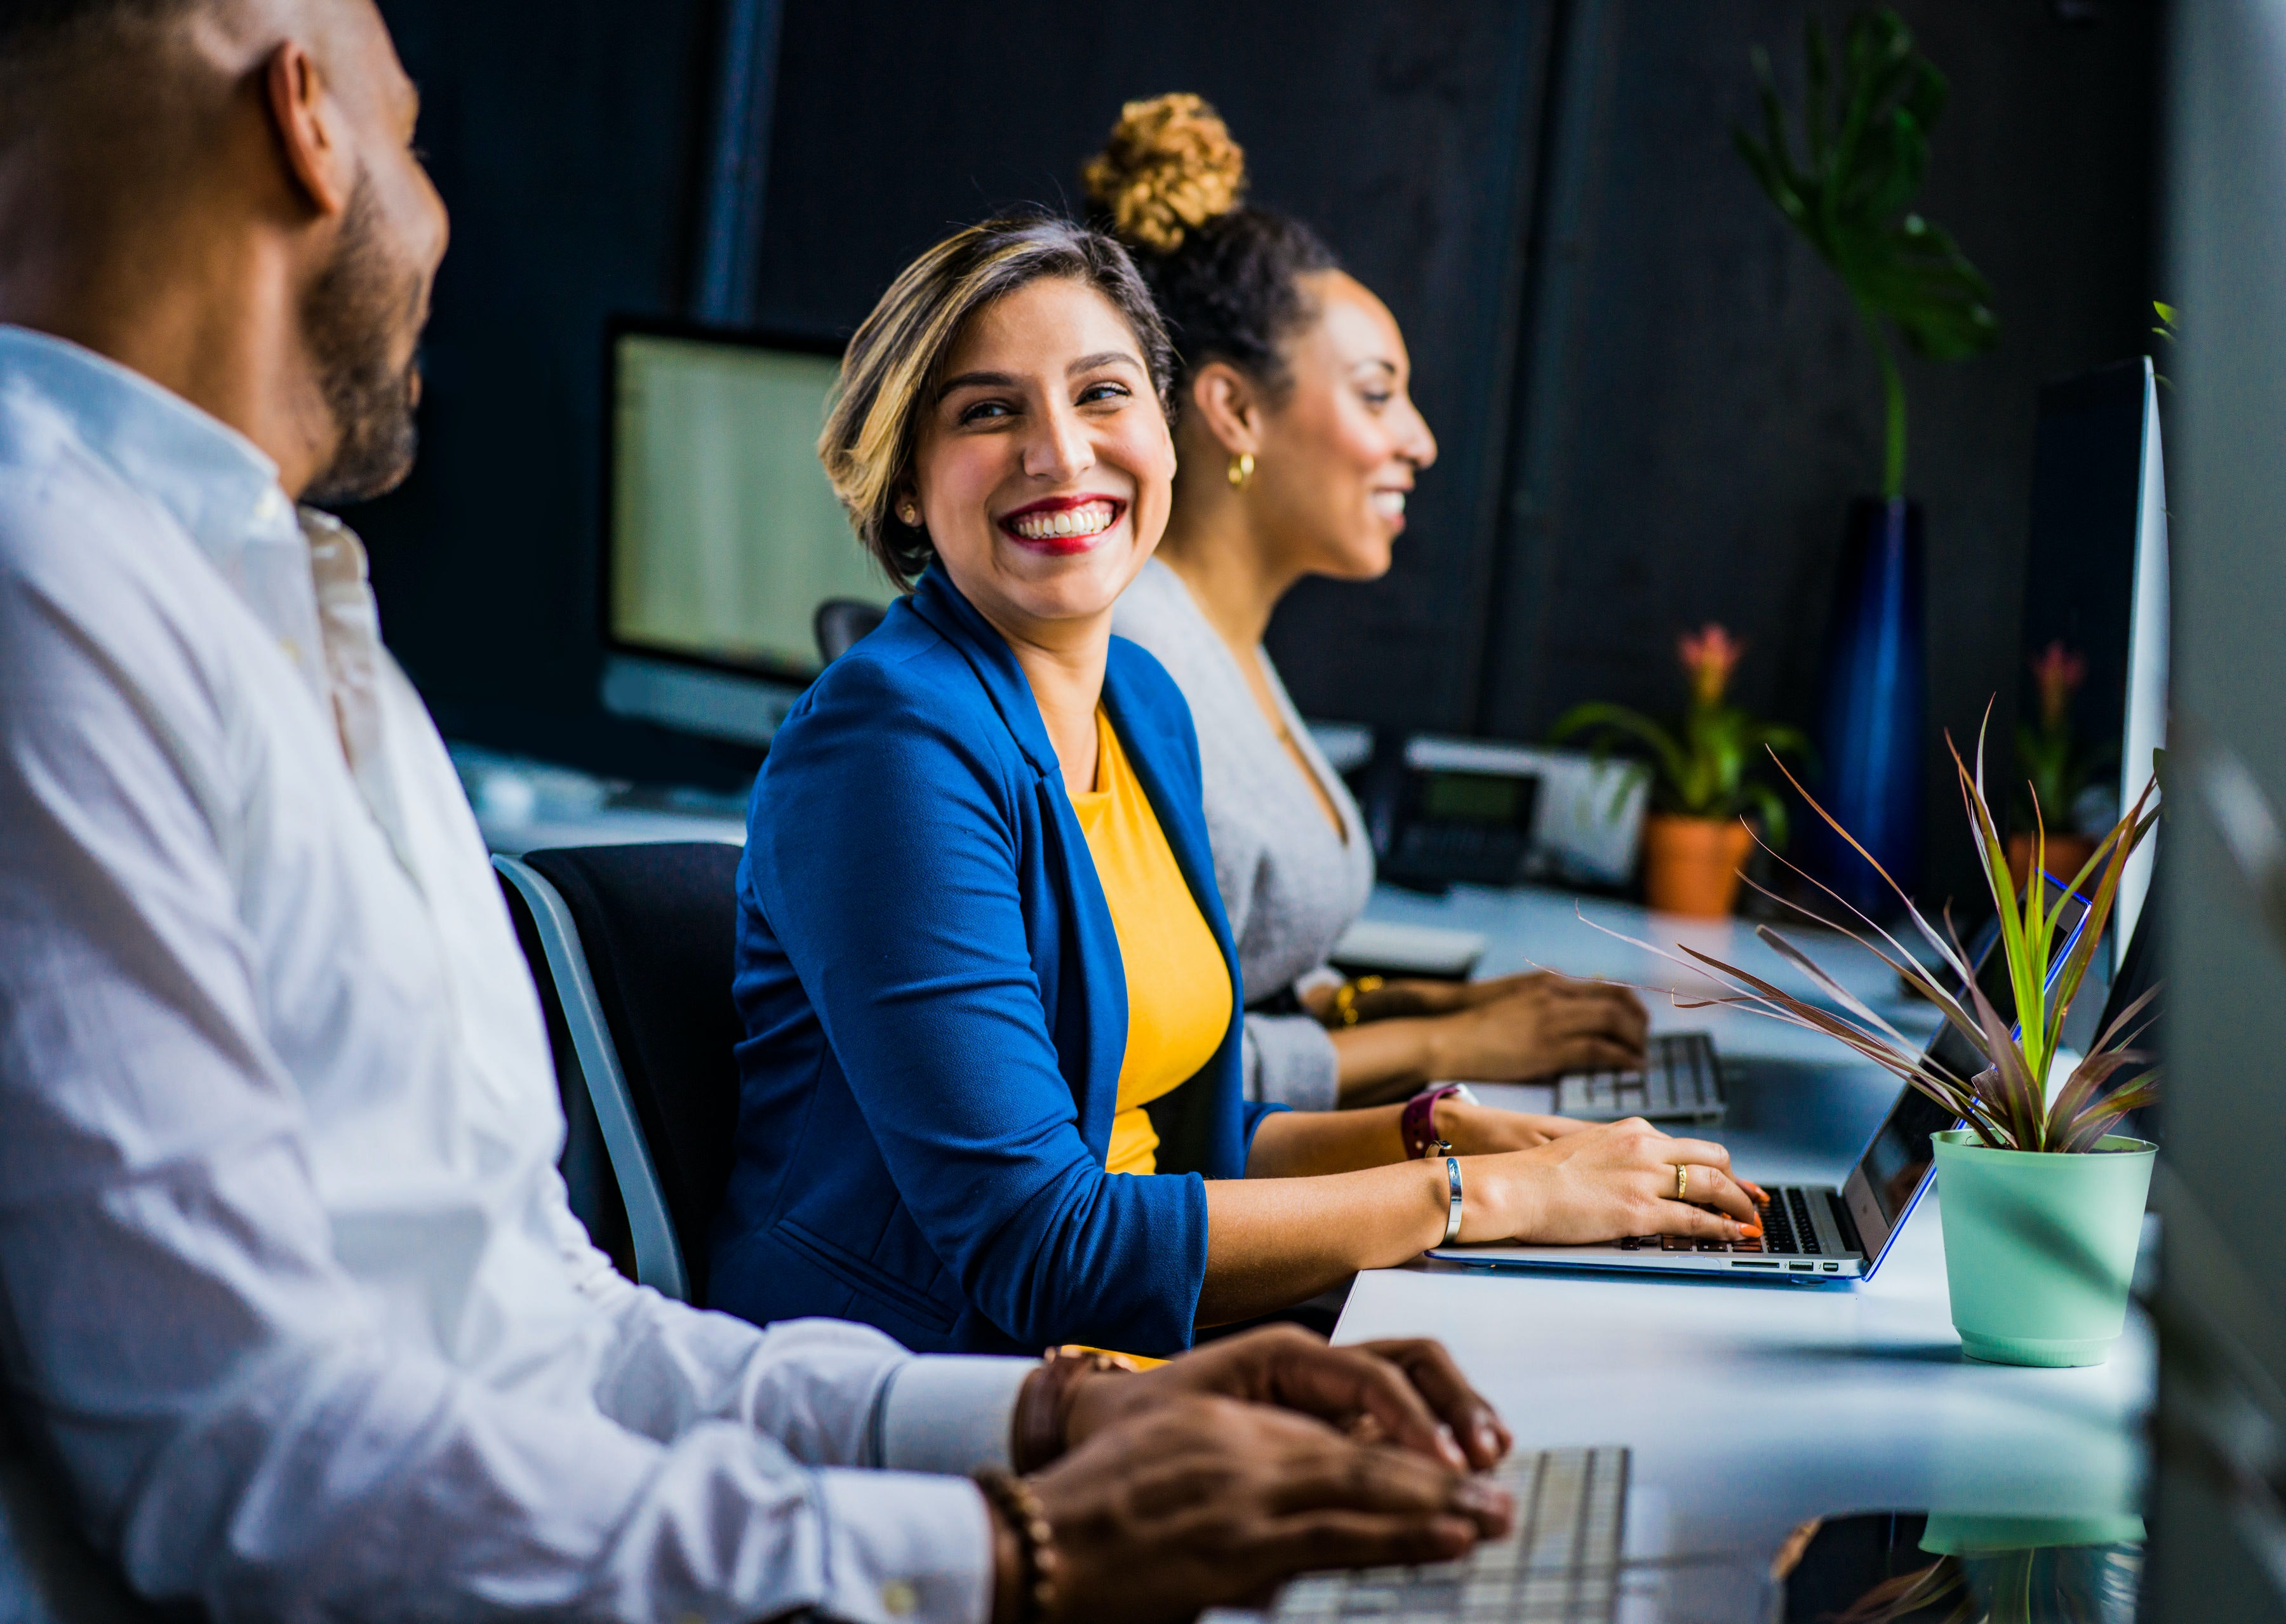 10 astuces pour permettre l'épanouissement des collaborateurs